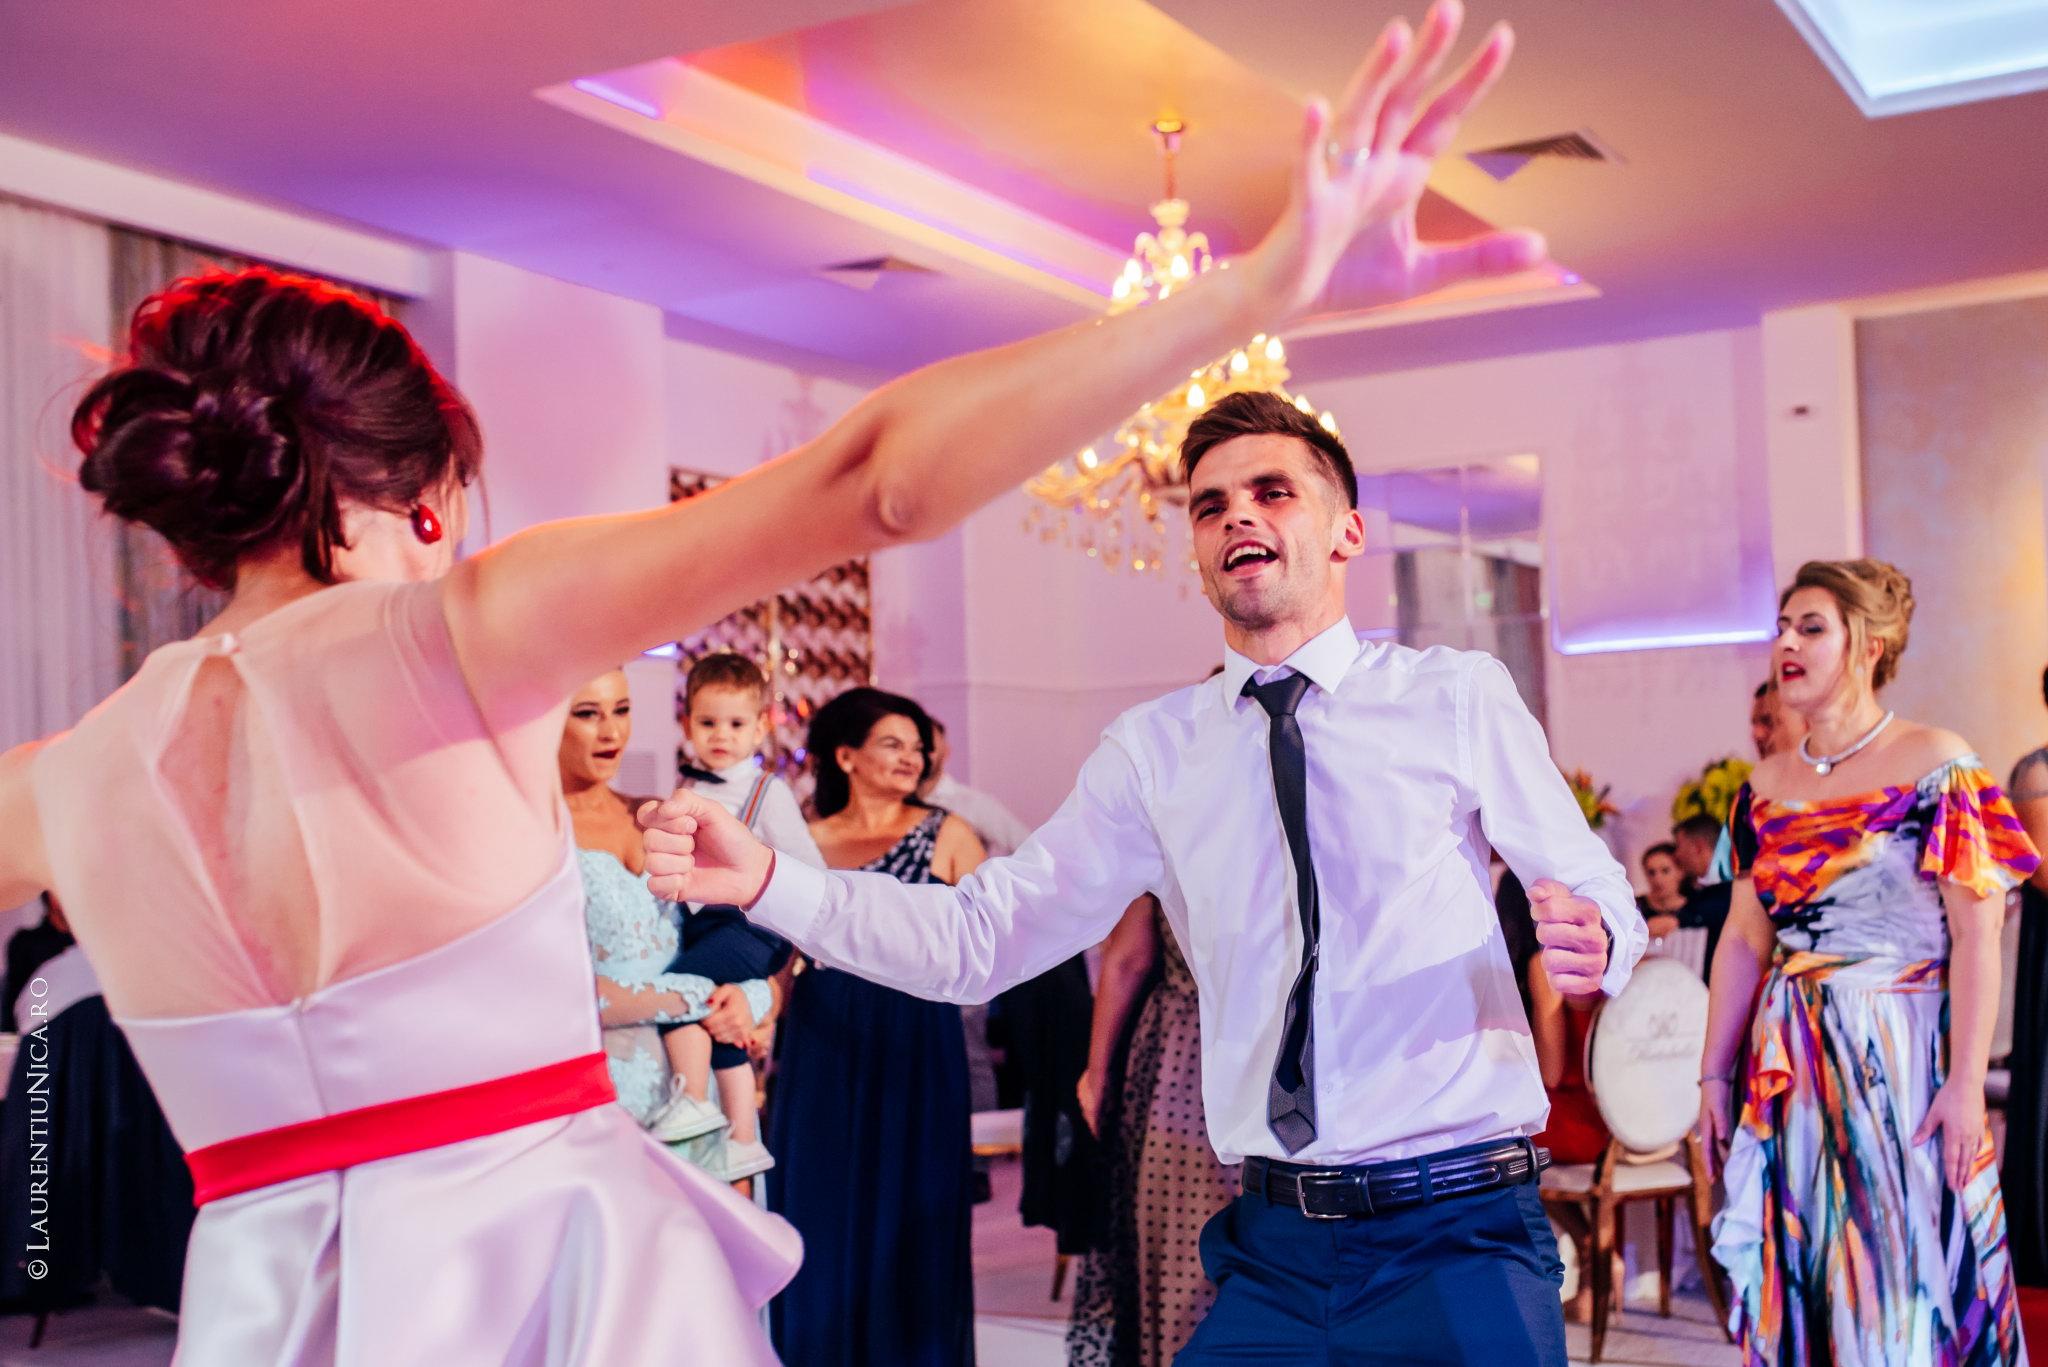 fotografii nunta denisa si florin craiova 60 - Denisa & Florin | Fotografii nunta | Craiova